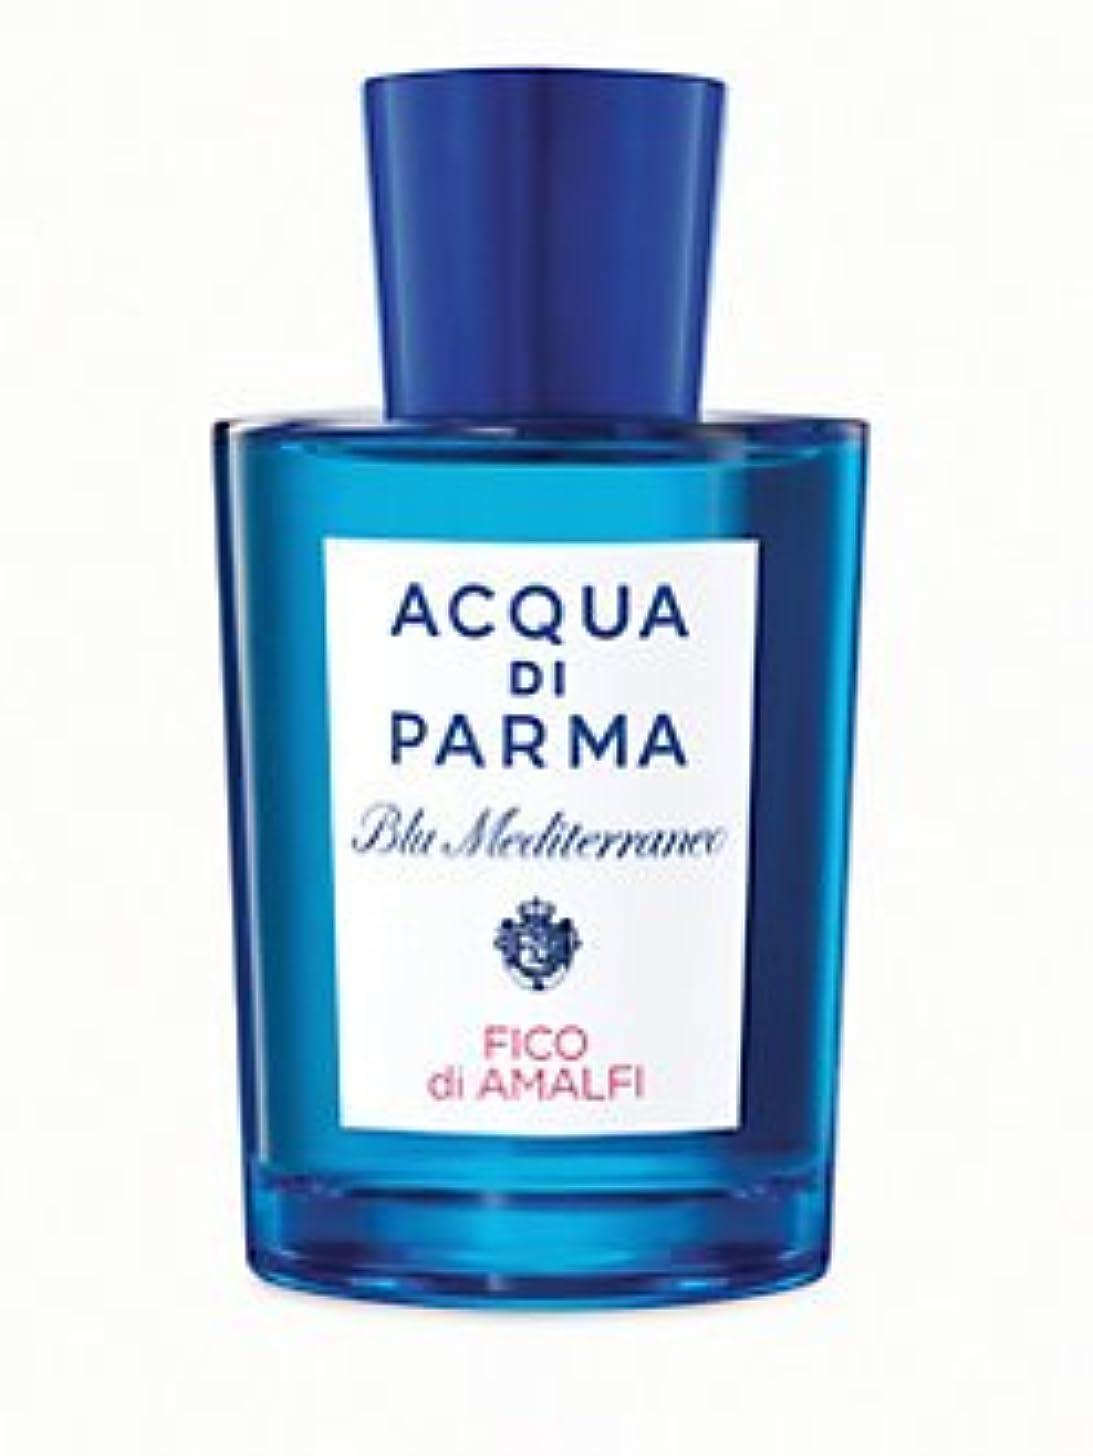 歯車後方小道Blu Mediterraneo Fico di Amalfi (ブルー メディタレーネオ フィコ ディ アマルフィ) 6.9 oz (200ml) Vitalizing Body Cream by Acqua di Parma